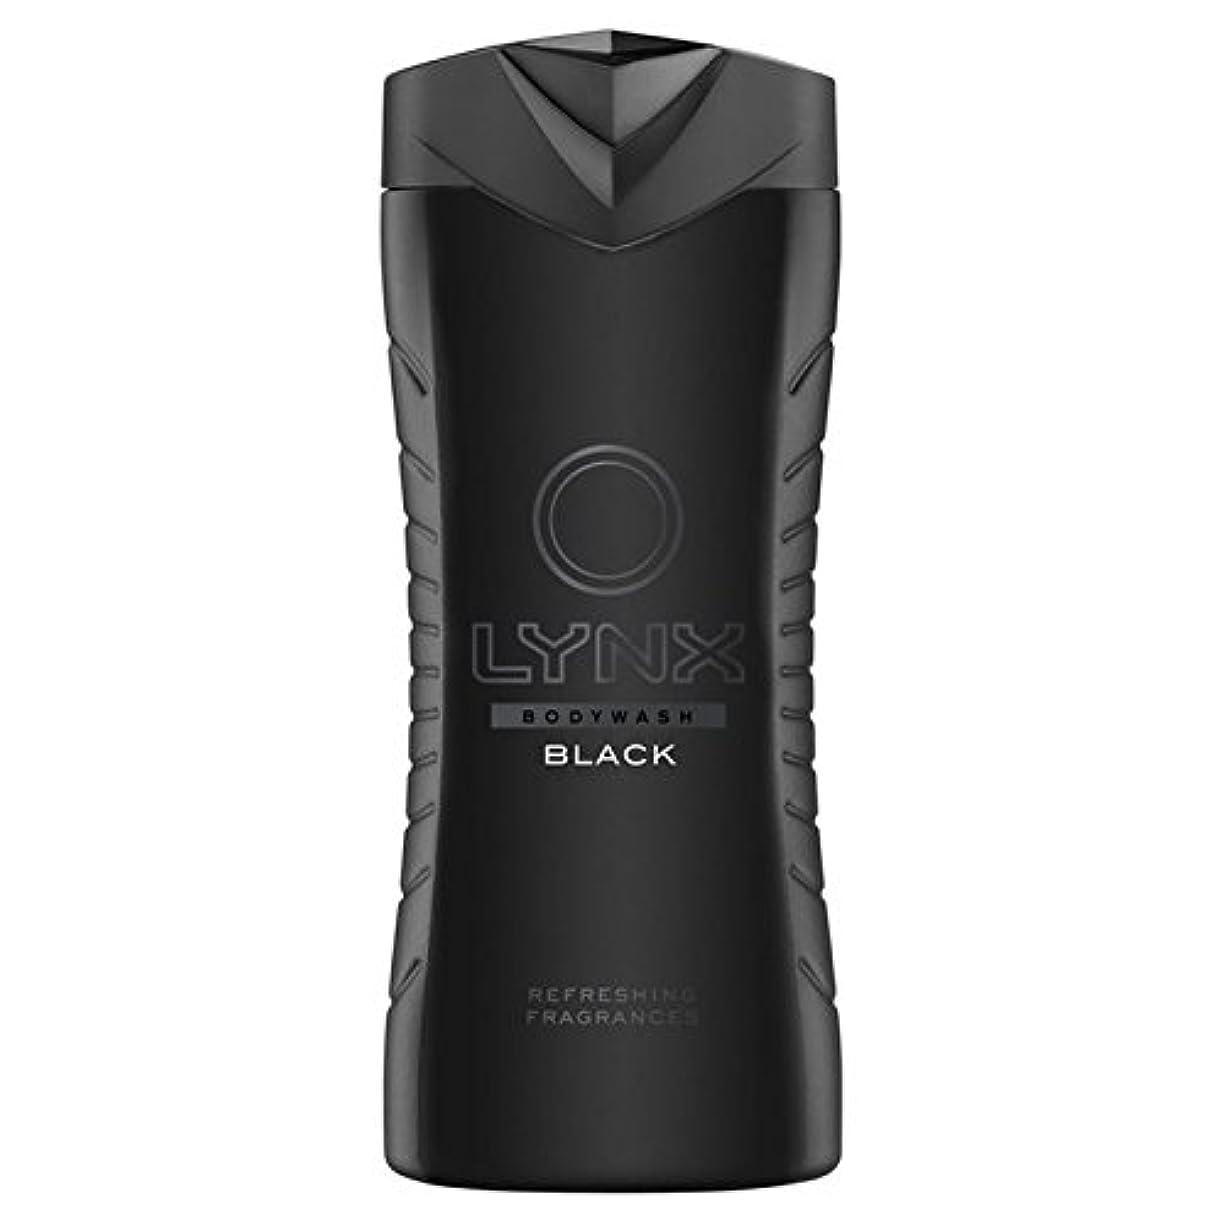 レンドランチョン自分のオオヤマネコブラックシャワージェル400ミリリットル x4 - Lynx Black Shower Gel 400ml (Pack of 4) [並行輸入品]